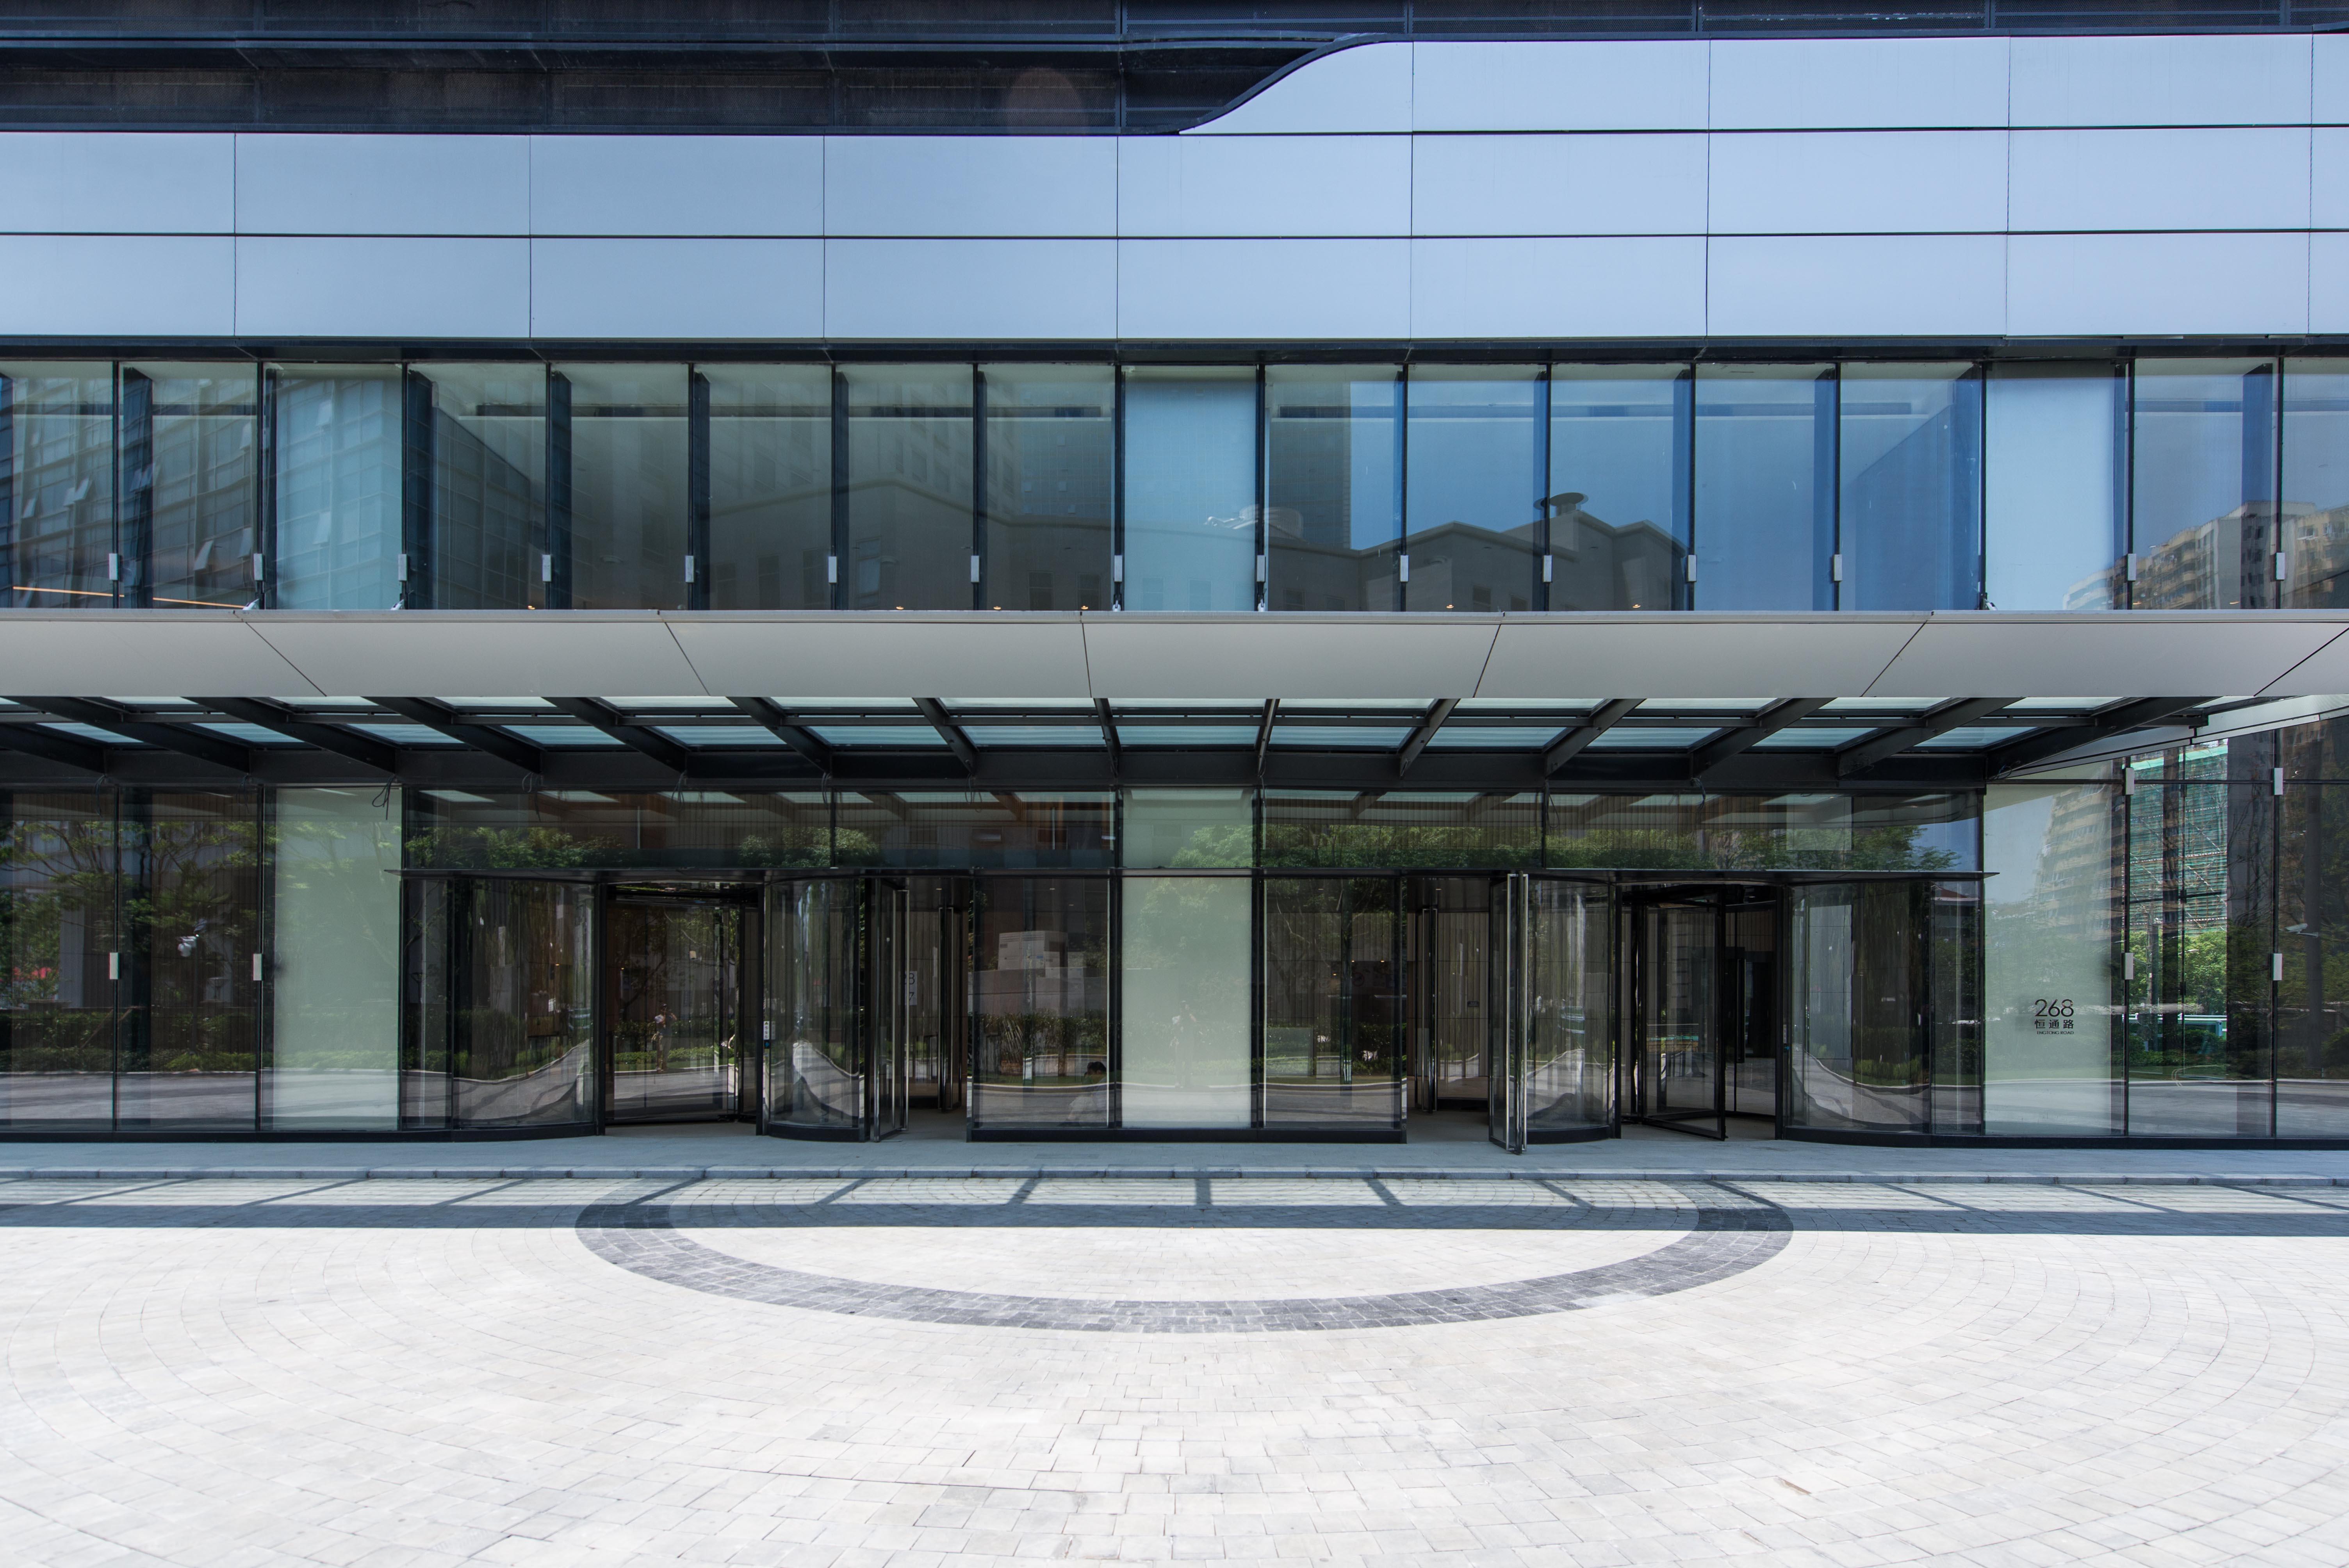 凯德星贸中心大堂入口.jpg